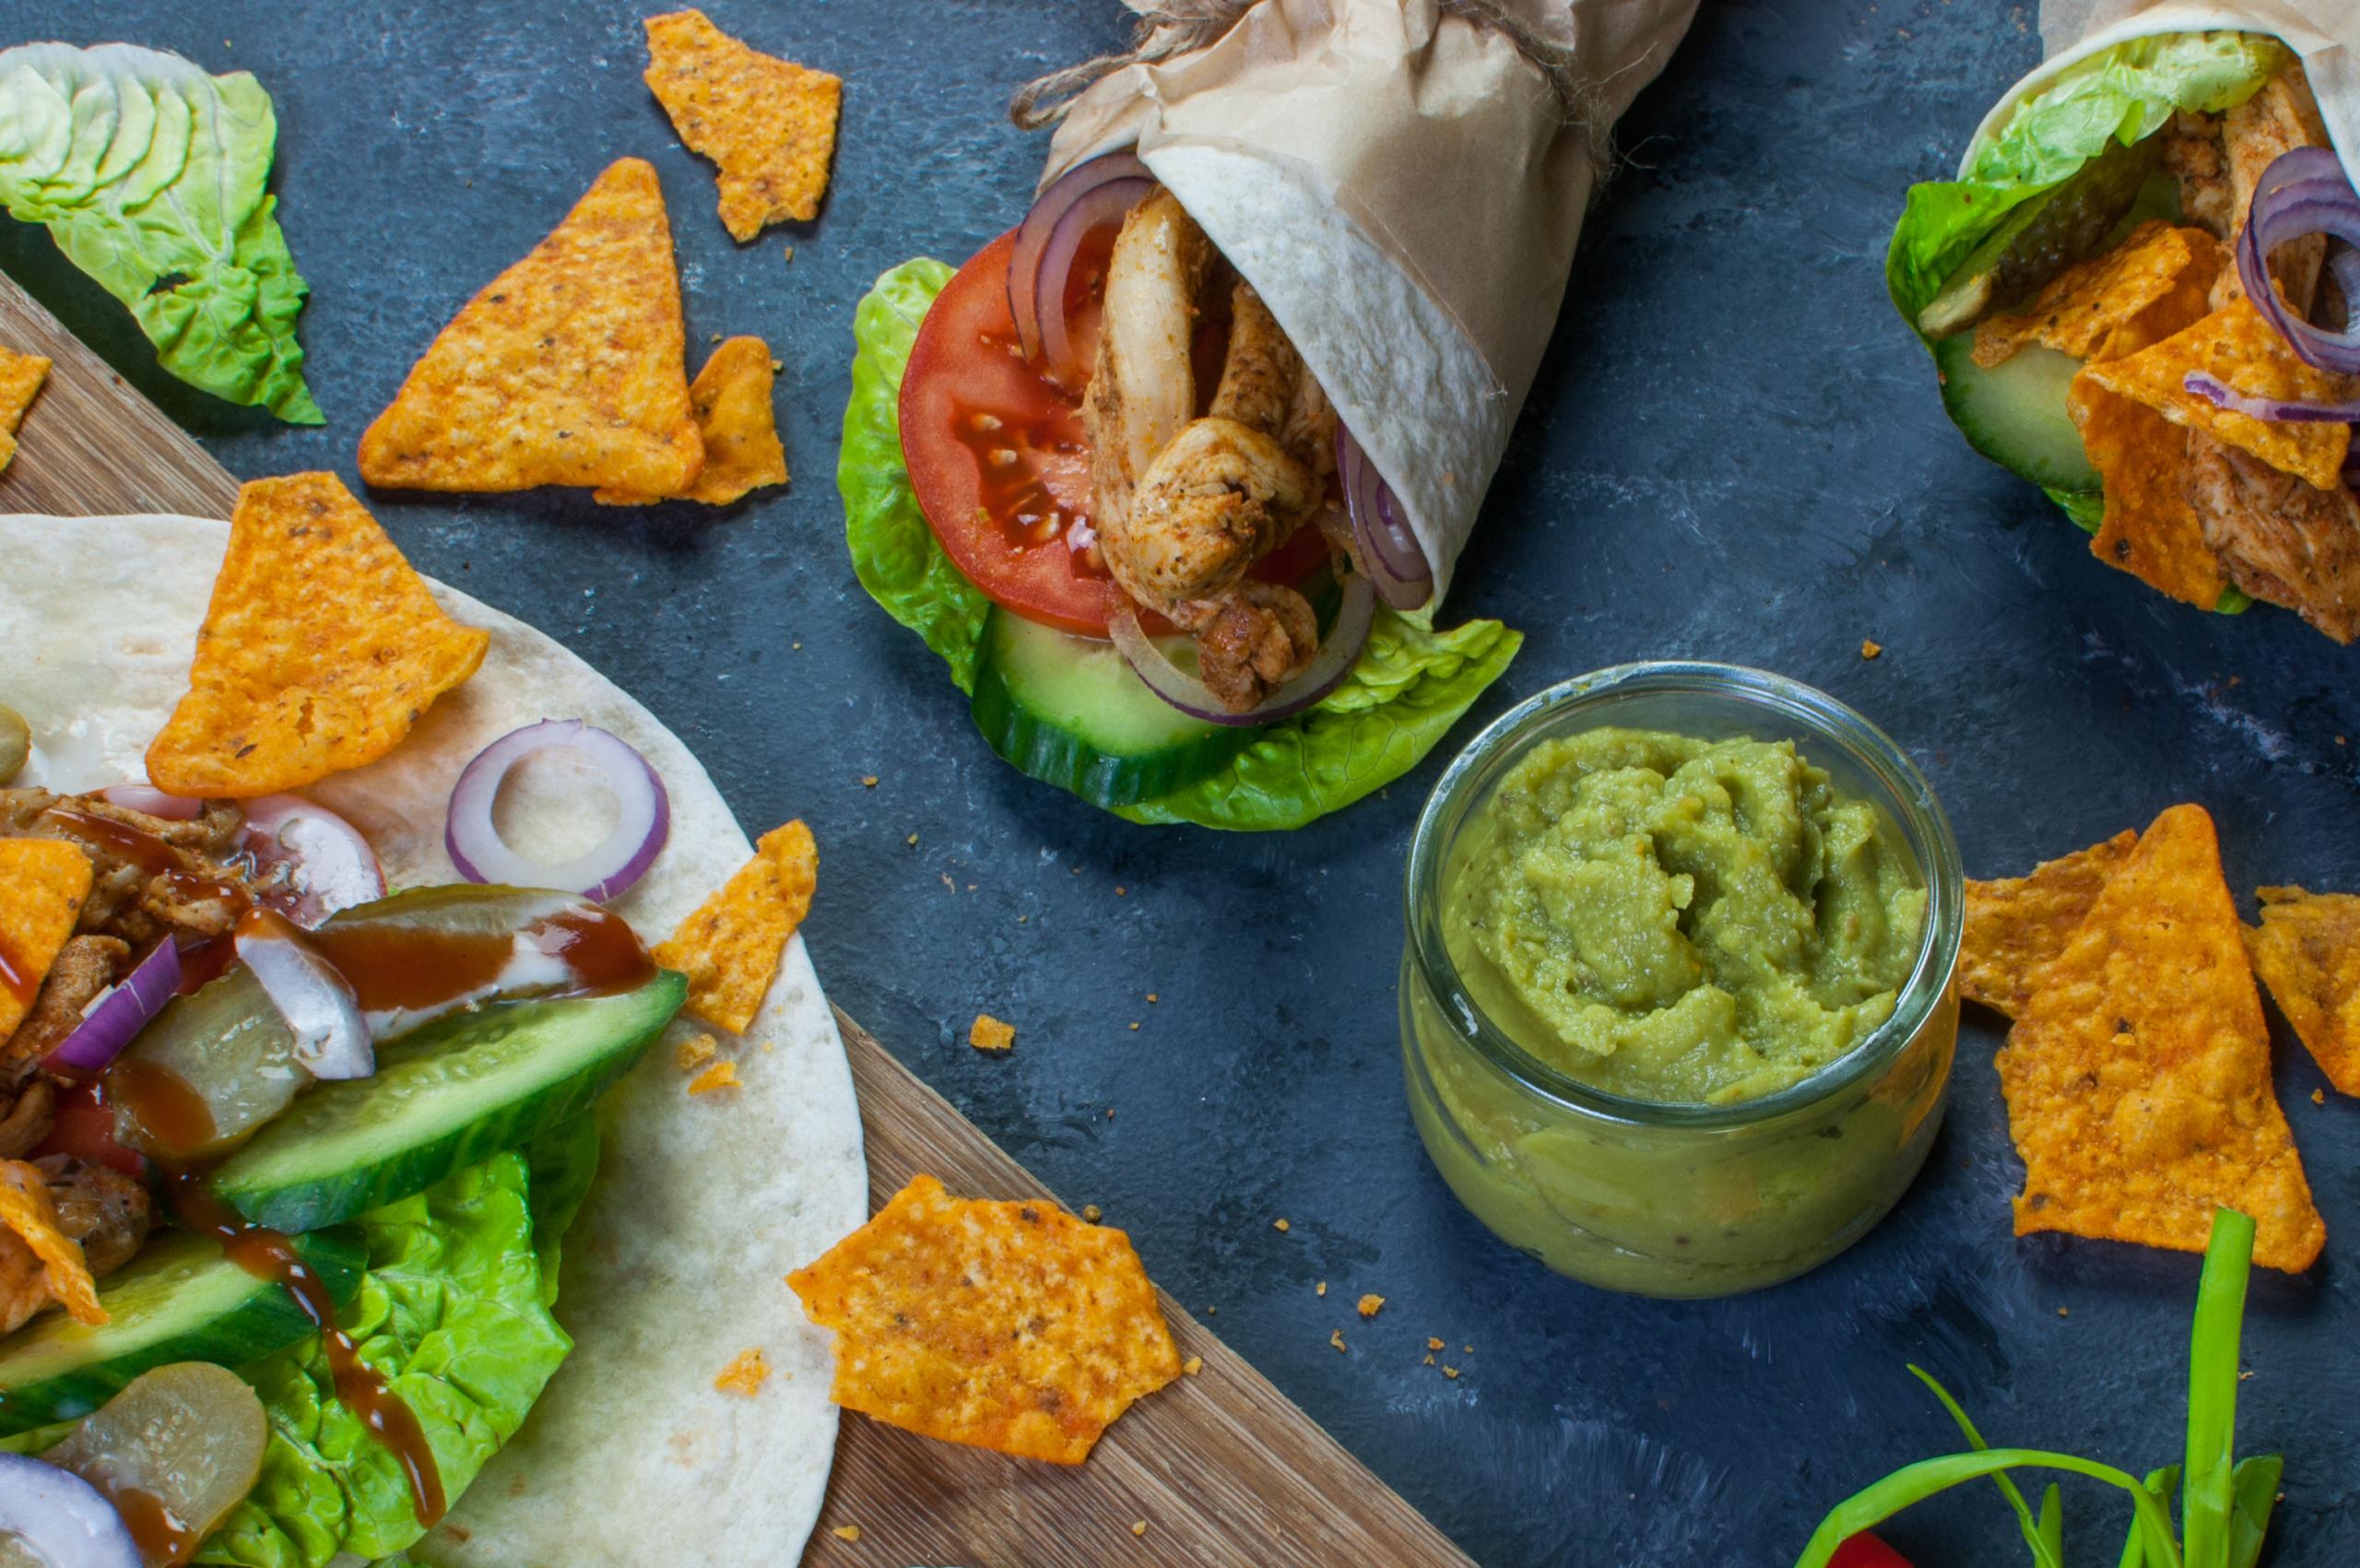 widok na tortille z kurczakiem oraz guacamole i warzywami oraz nachosami